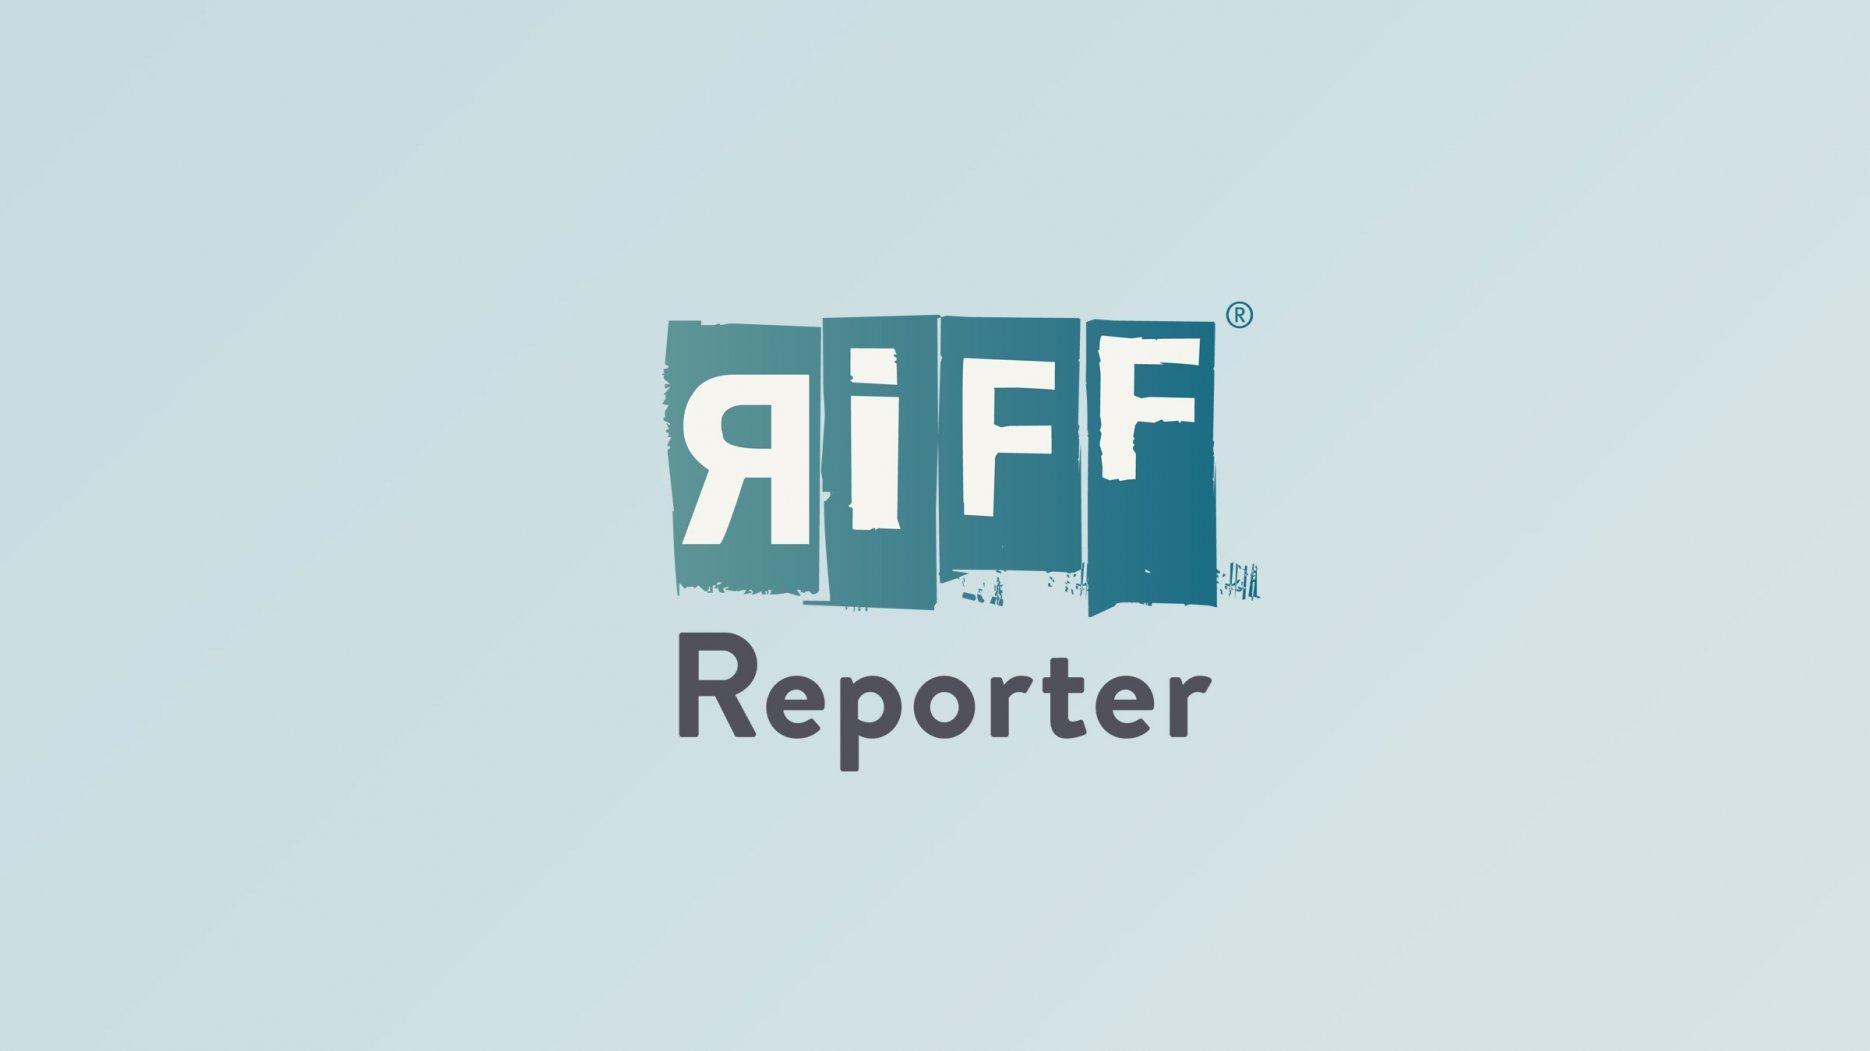 Die Erwärmung der Erde im 21. Jahrhundert – simuliert unter der Voraussetzung, dass sich die Emissionen weiter entwickeln wie bisher. (Quelle: IPCC)